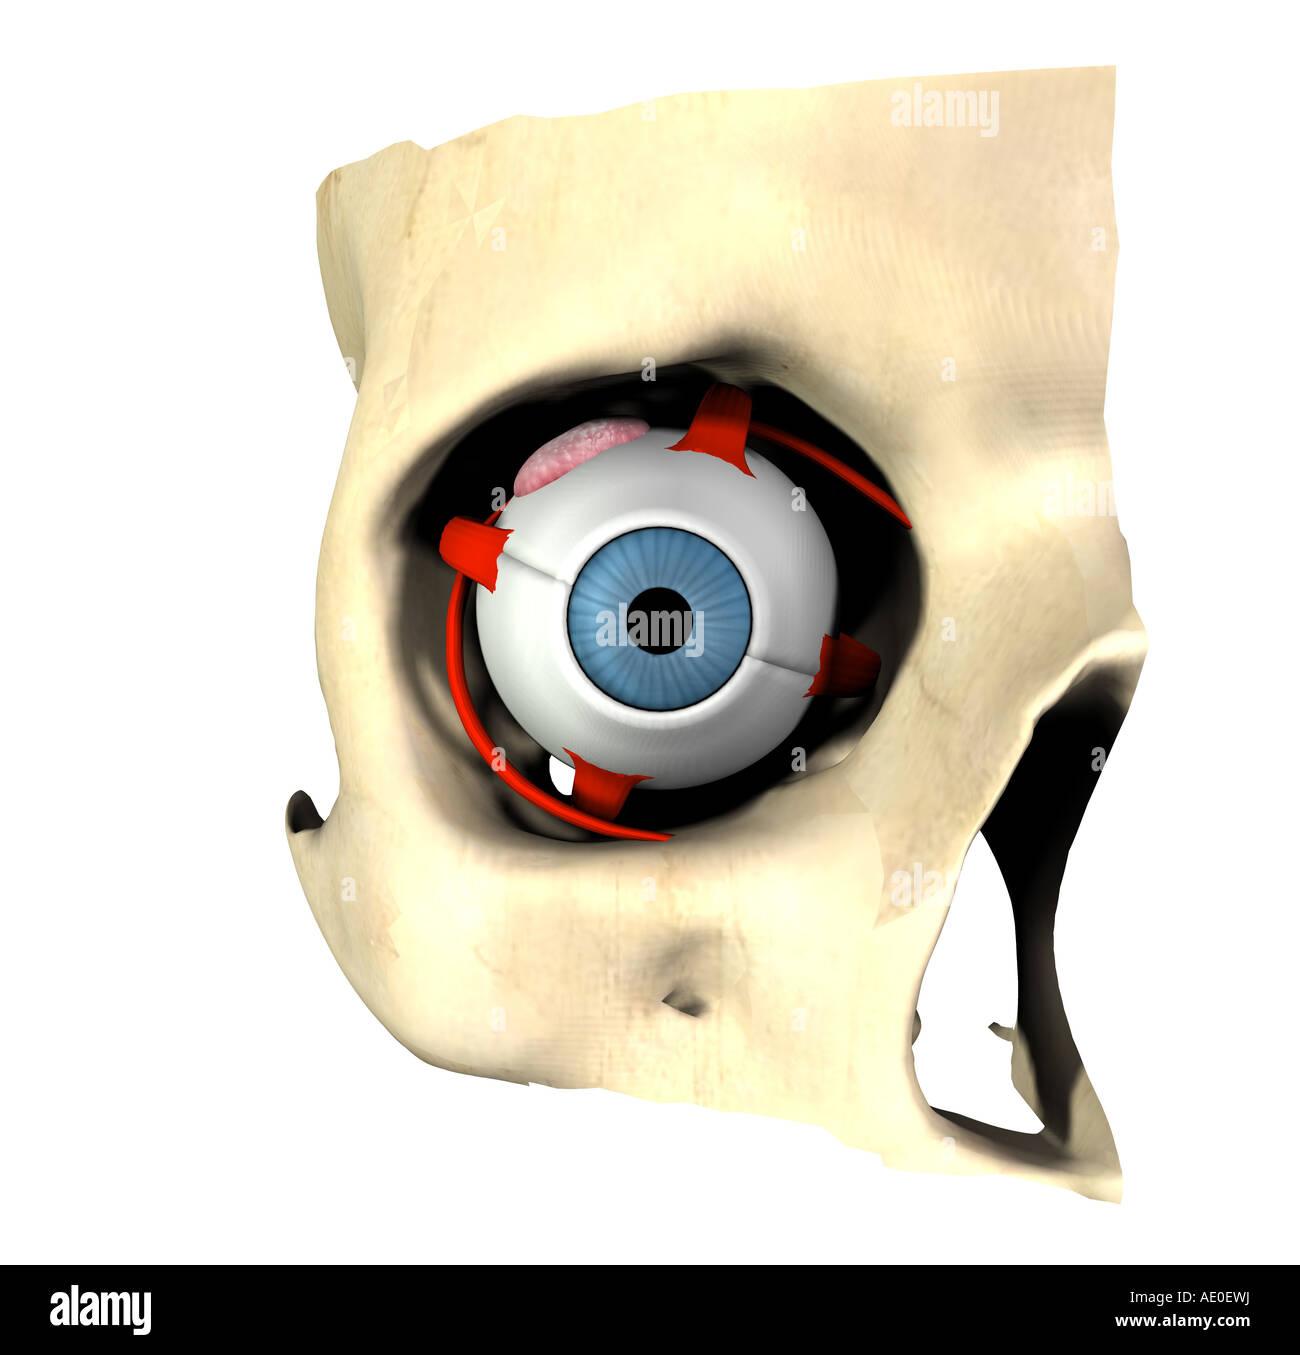 Augenmuskeln Stockfotos & Augenmuskeln Bilder - Alamy